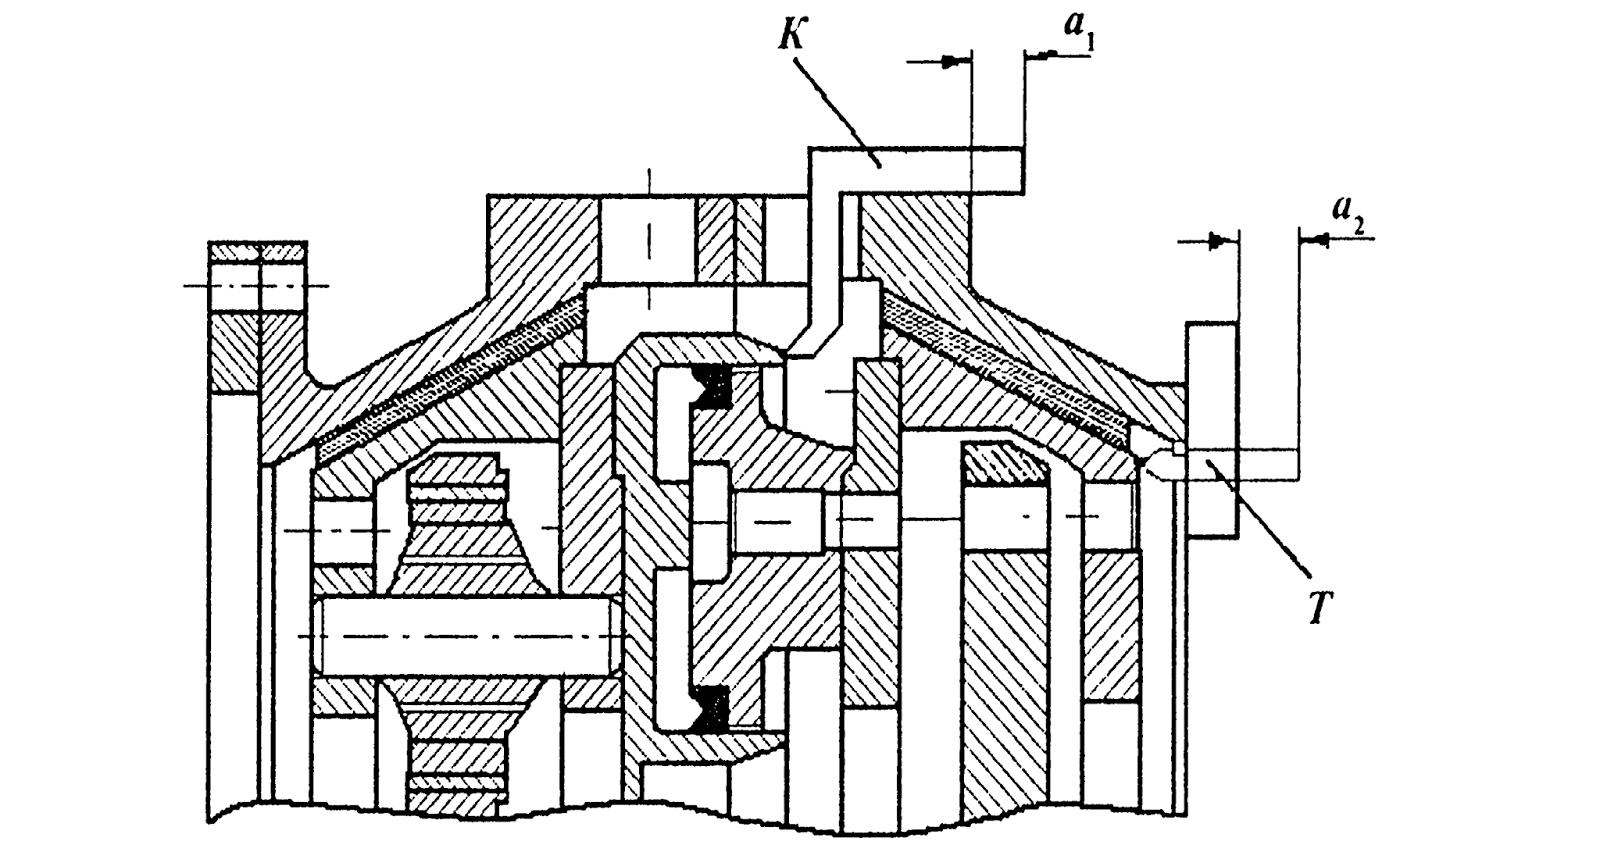 СУДОРЕМОНТ ОТ А ДО Я Комбинированная муфта Пневмофлекс  Измерение величины осевого хода f контроль монтажа изнашивания фрикционной обкладки может производиться со стороны ведущего вала посредством контрольного